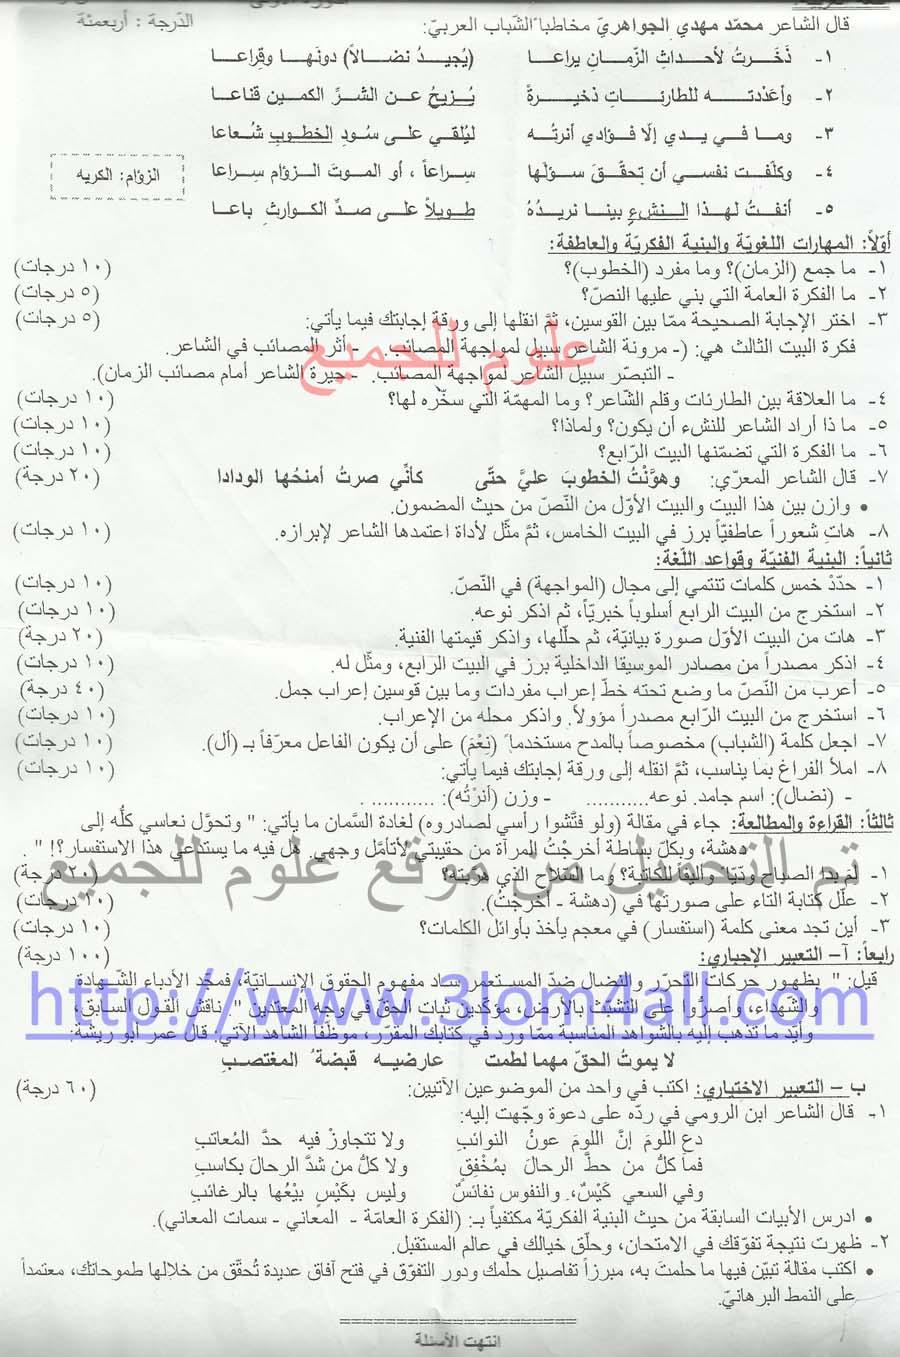 أسئلة اللغة العربية البكالوريا العلمي 2013 الدورة الاولى